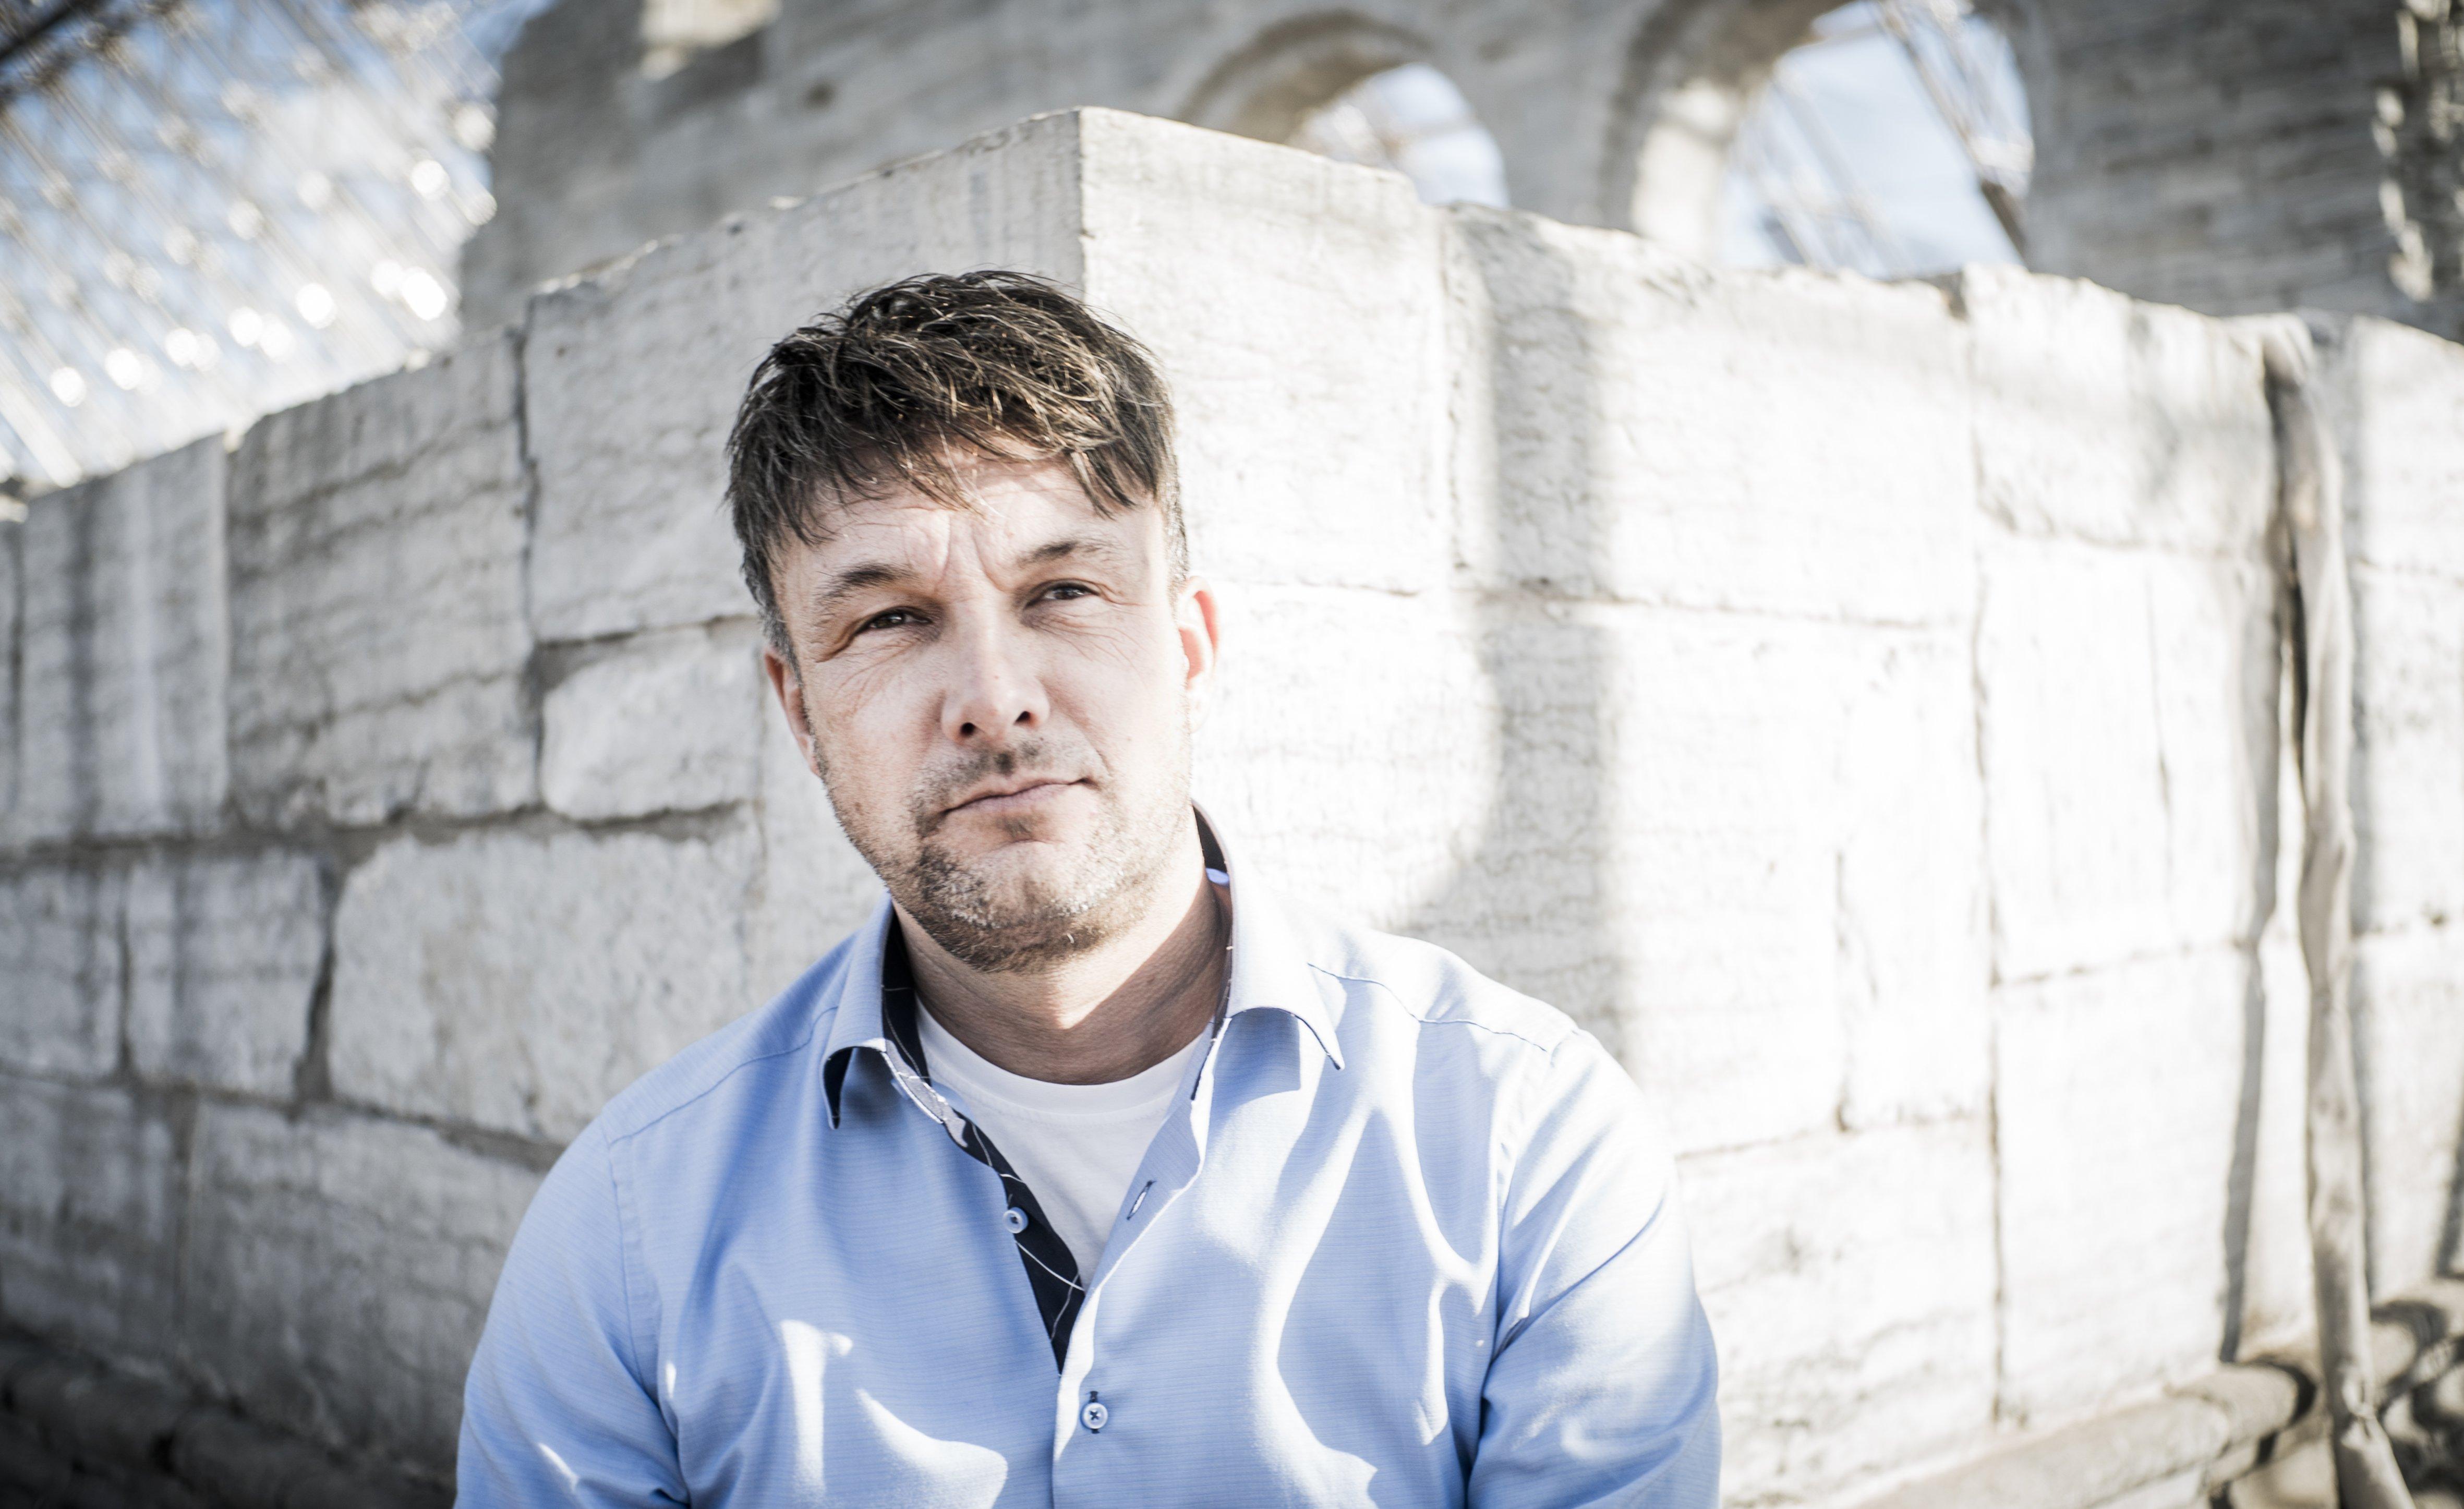 Mann i blå skjorte utendørs foran gamle ruiner i